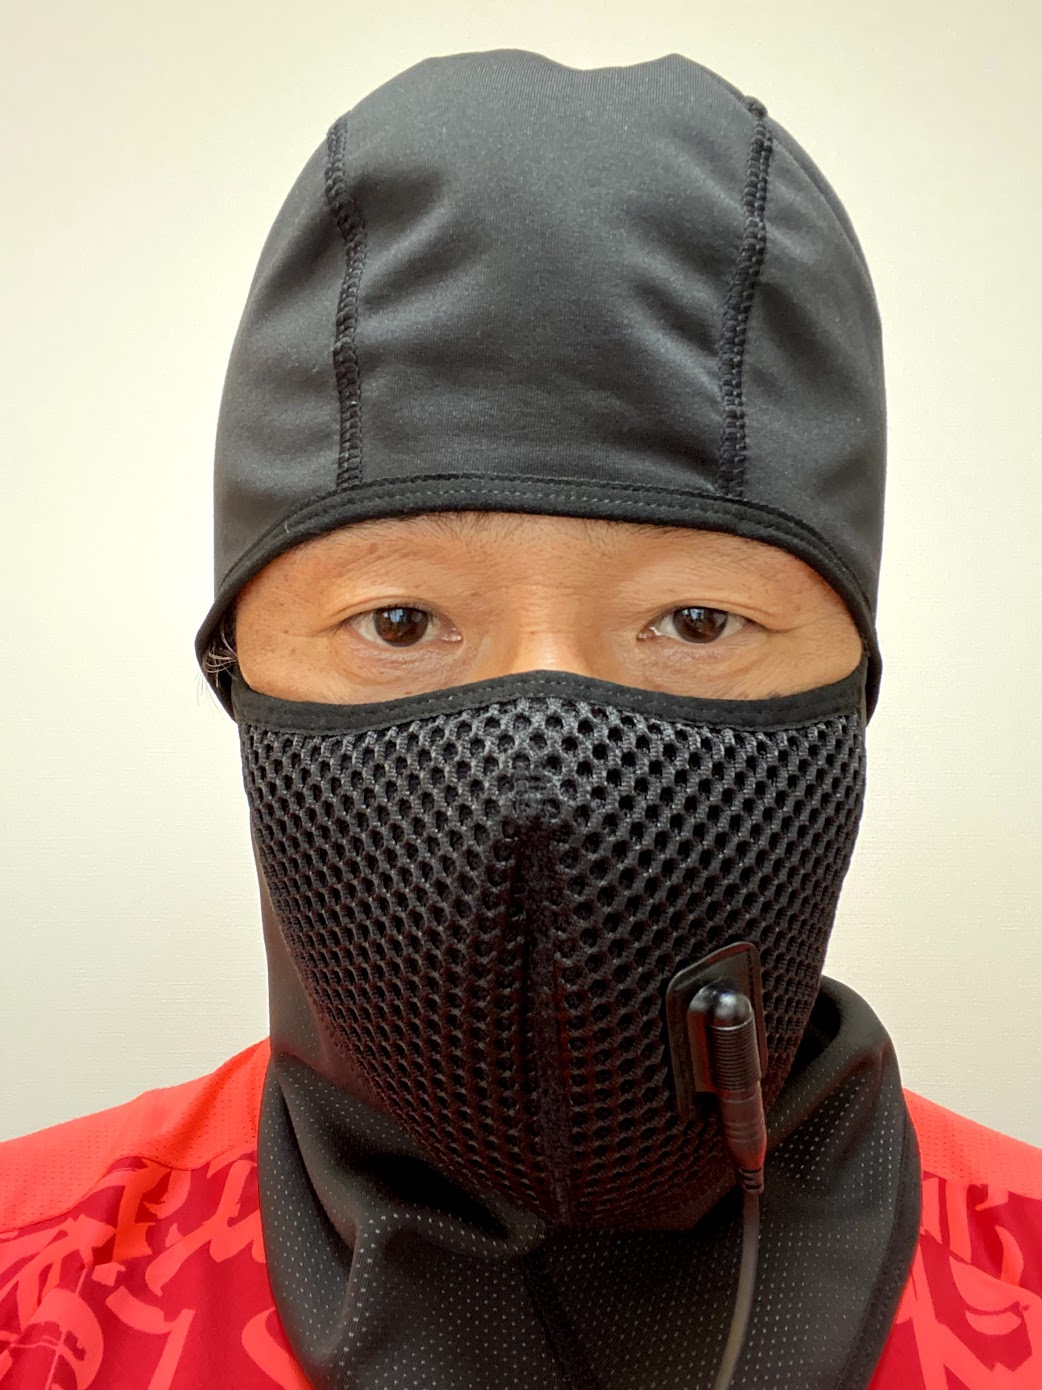 フェイスマスク装着